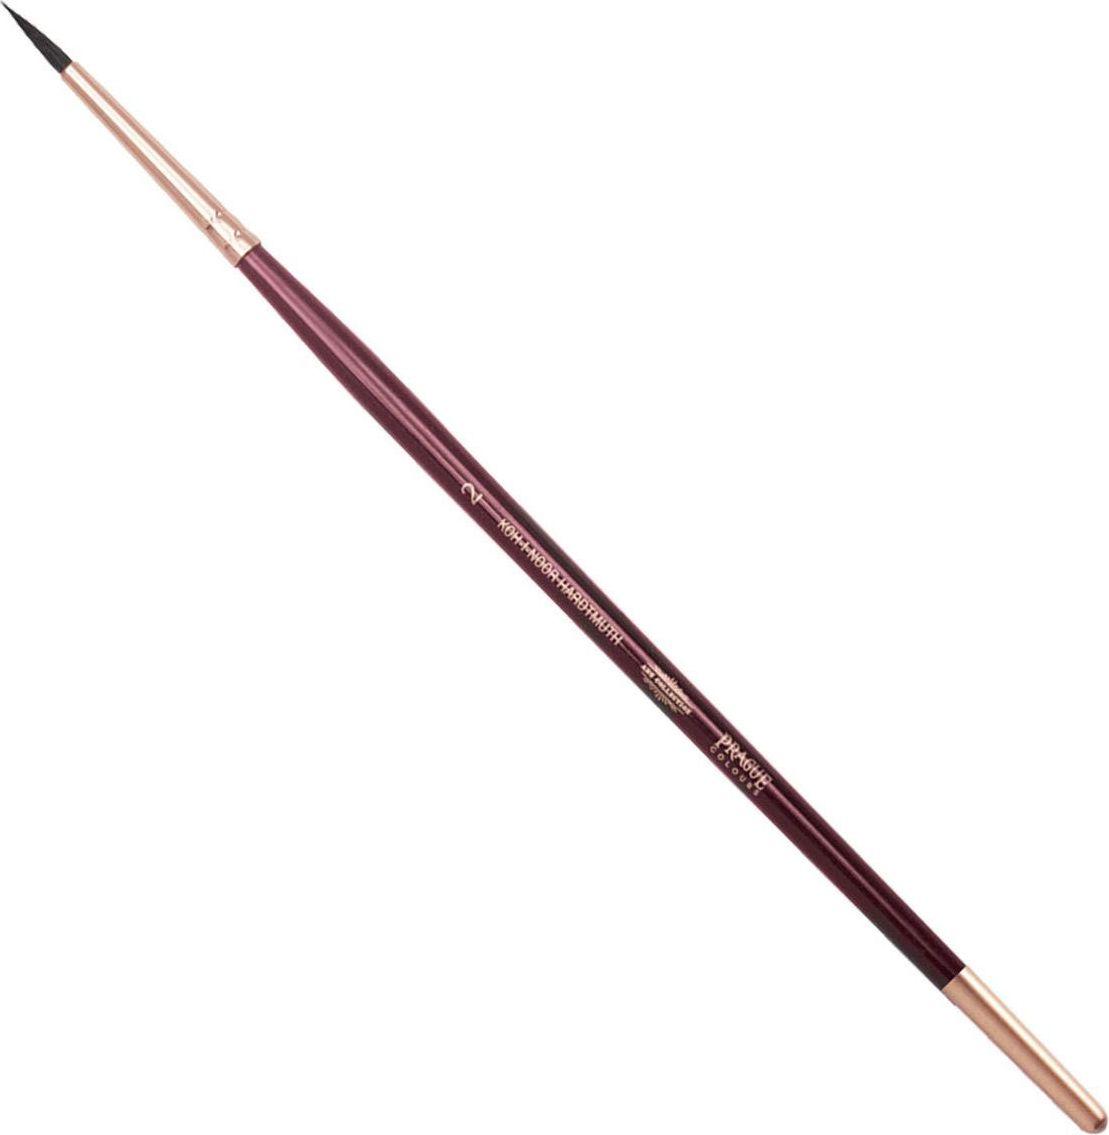 Koh-I-Noor Кисть белка круглая №2 короткая ручка200383Высококачественная кисть  Koh-i-Noor выполнена из натурального волоса белки. Волос прекрасно сохраняет форму, не ломается, впитывает влагу и хорошо моется под проточной струей воды. Подходит для акварели и индийских красок.